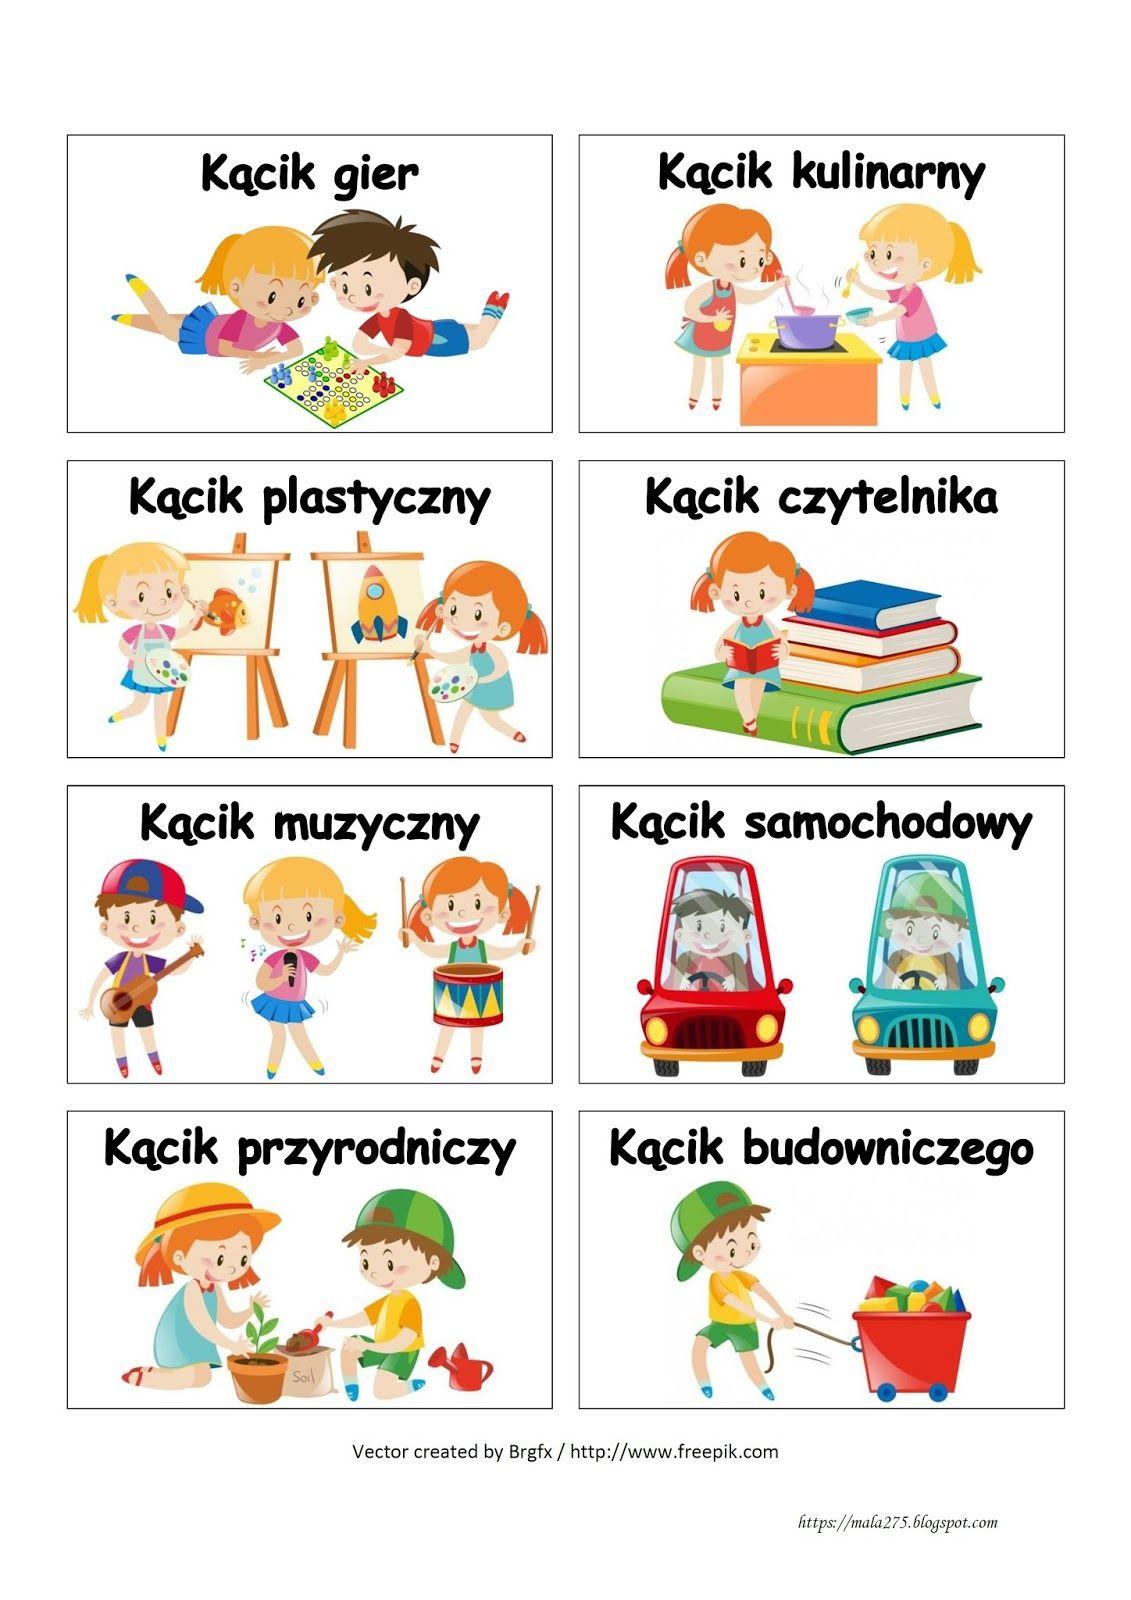 Blog Edukacyjny Dla Dzieci Wizytowki Do Kacikow Przedszkole Kids Education Kids Learning Kids And Parenting